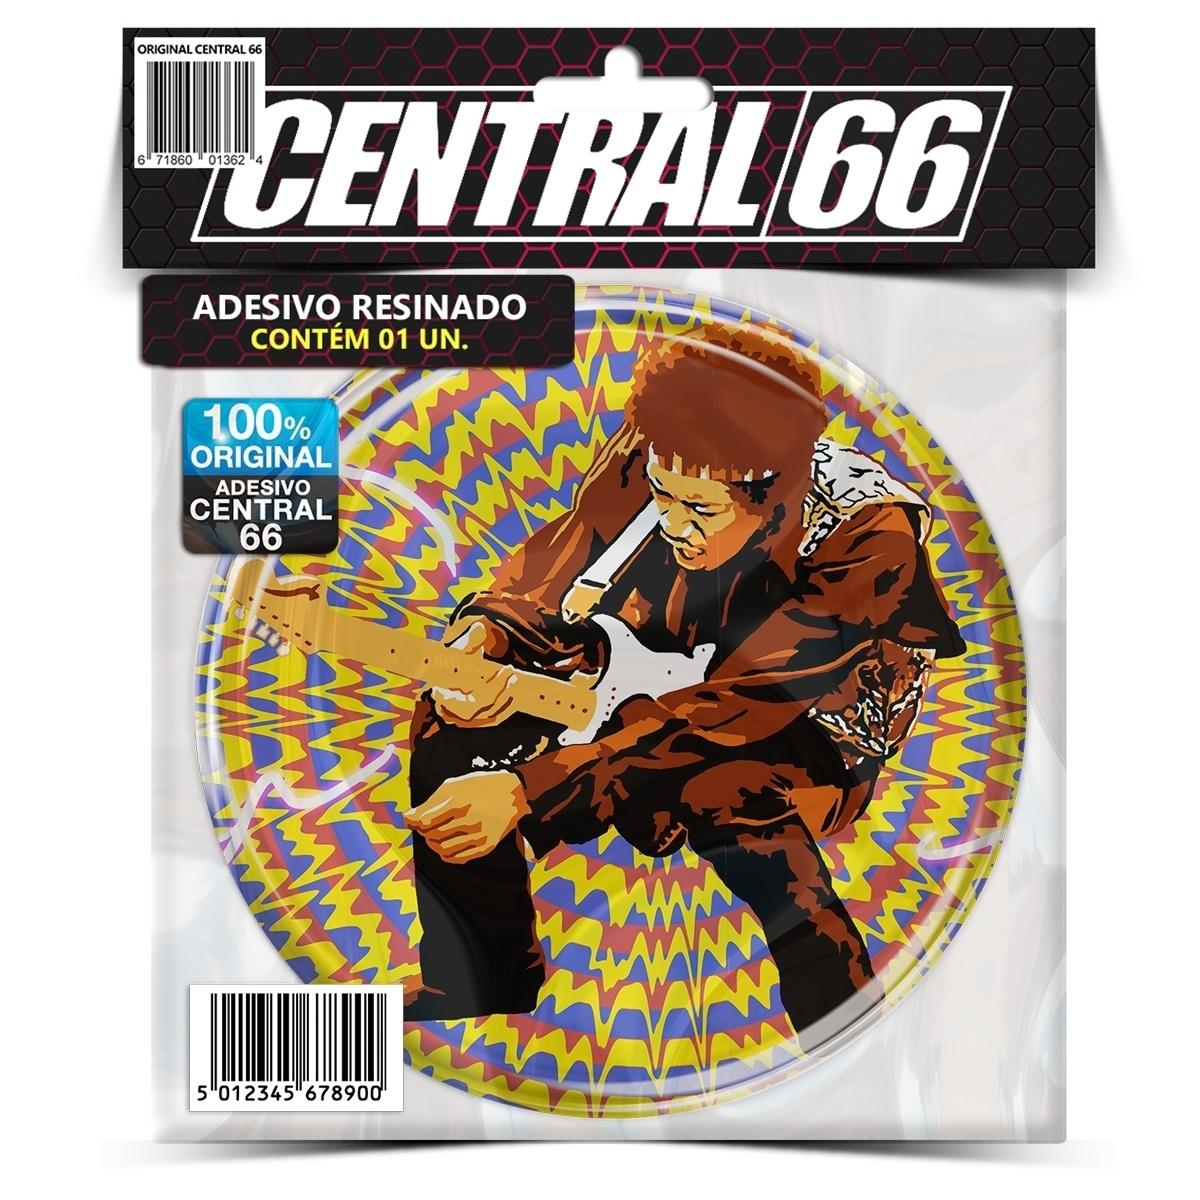 Adesivo Redondo Jimi Hendrix M03 – Central 66